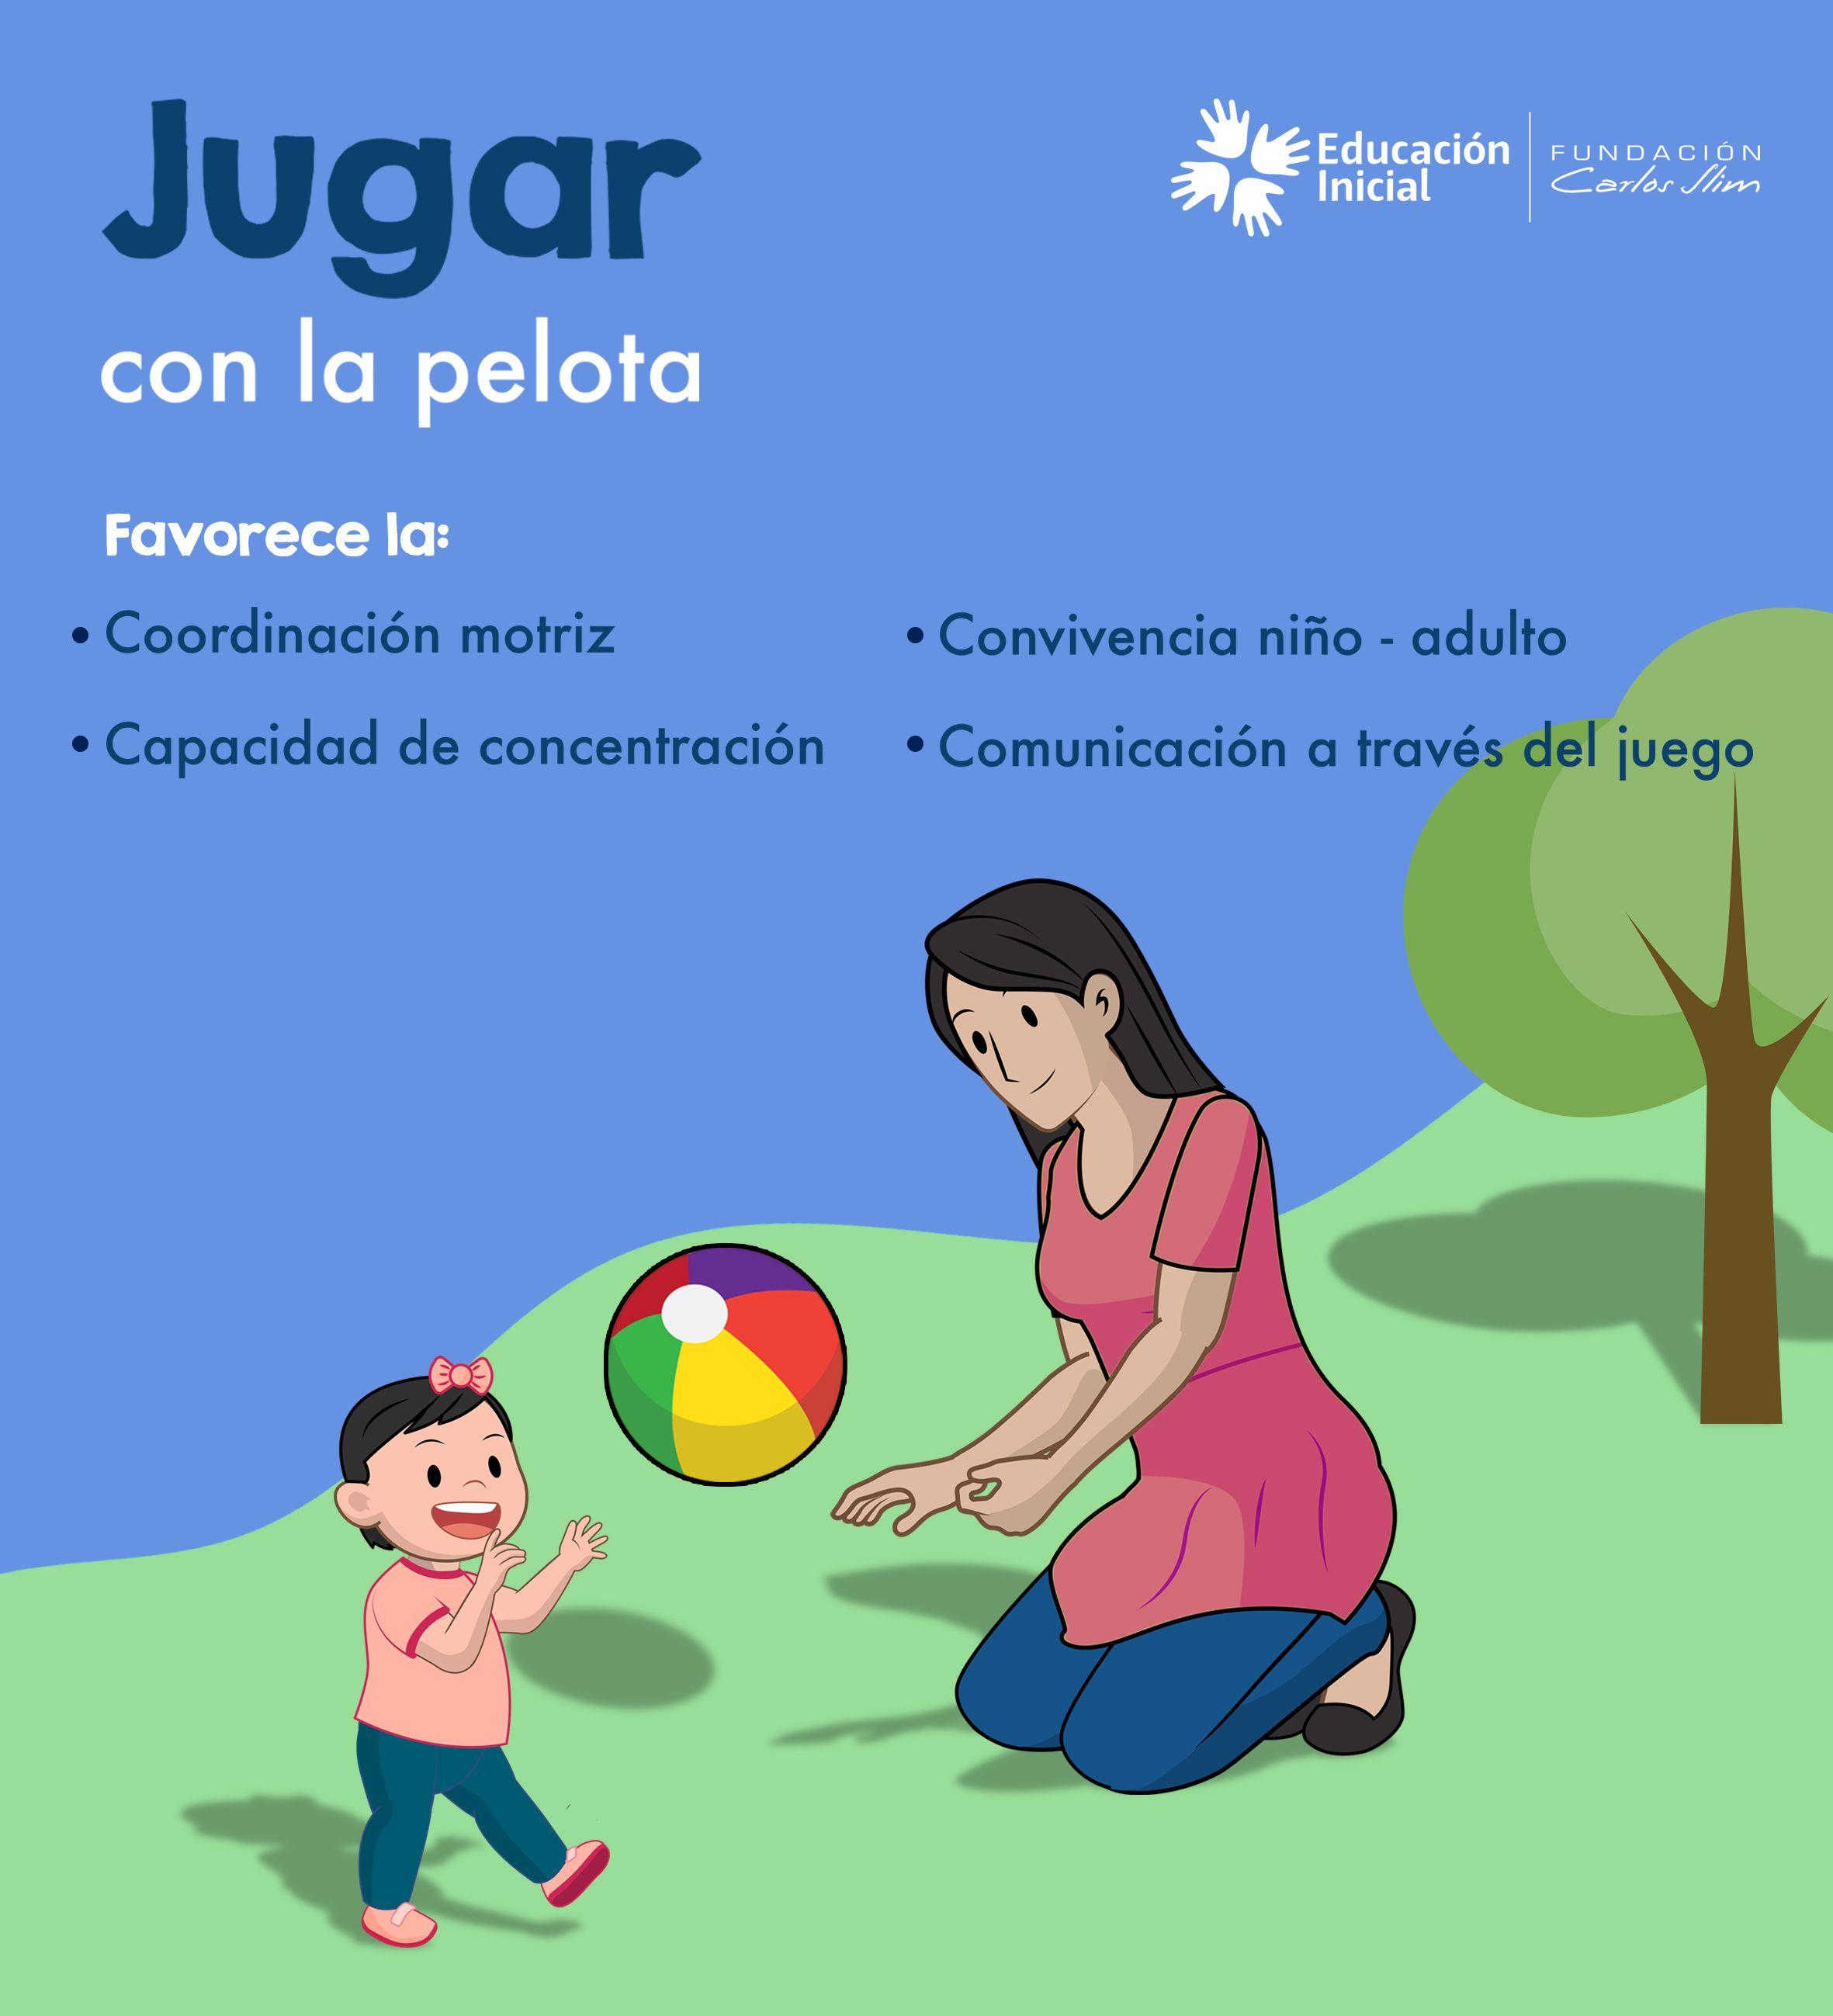 Jugar con la pelota. Conoce algunos de sus beneficios.  Juego  Pelota   Convivencia  Estimulación  Tip  bebés  Juegos be3b686707d3